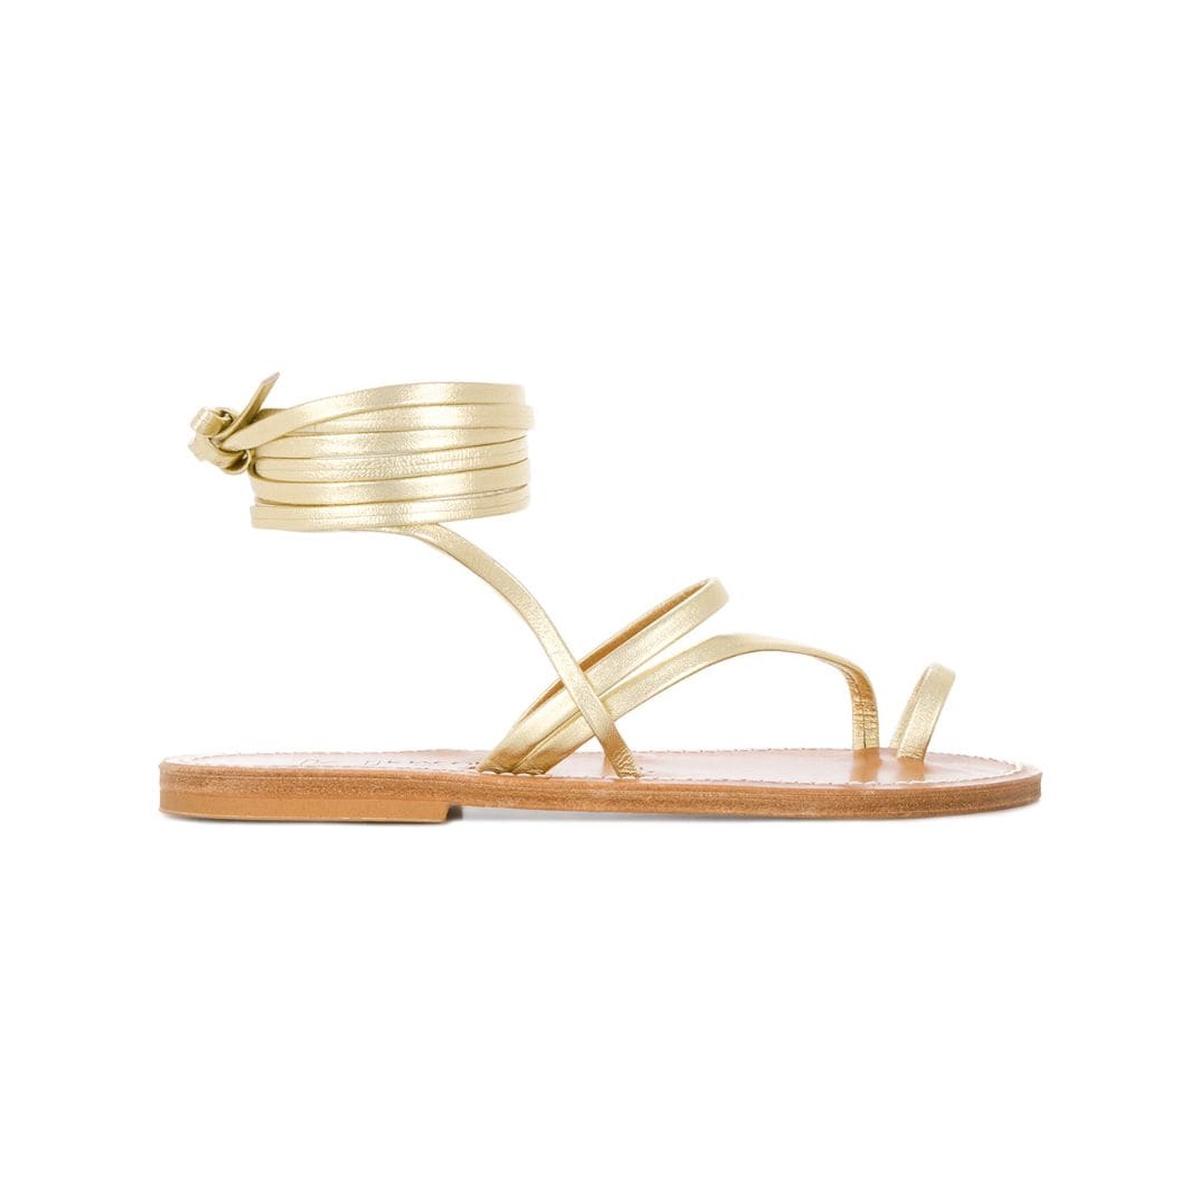 代购K Jacques 踝带牛皮凉鞋女2021新款奢侈品舒适透气简单时尚